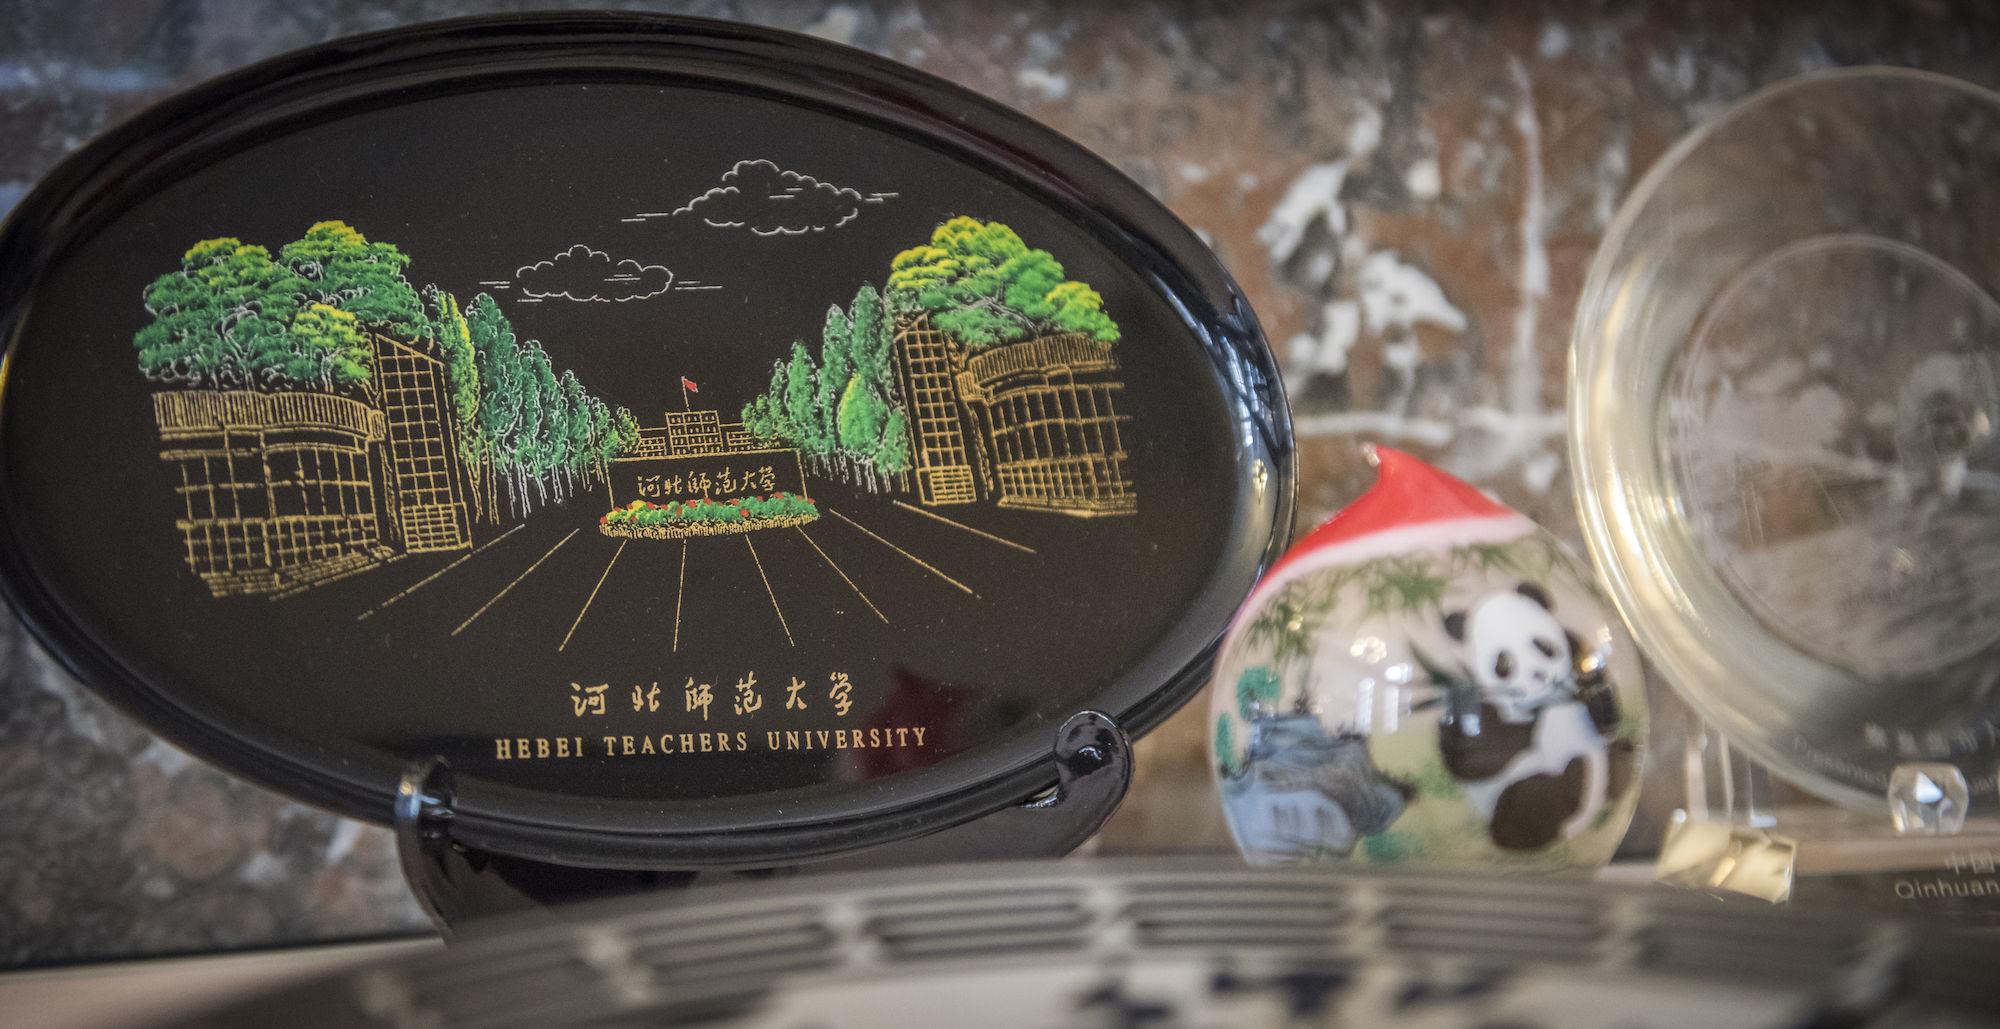 170918-expo-Hebei-9.jpg